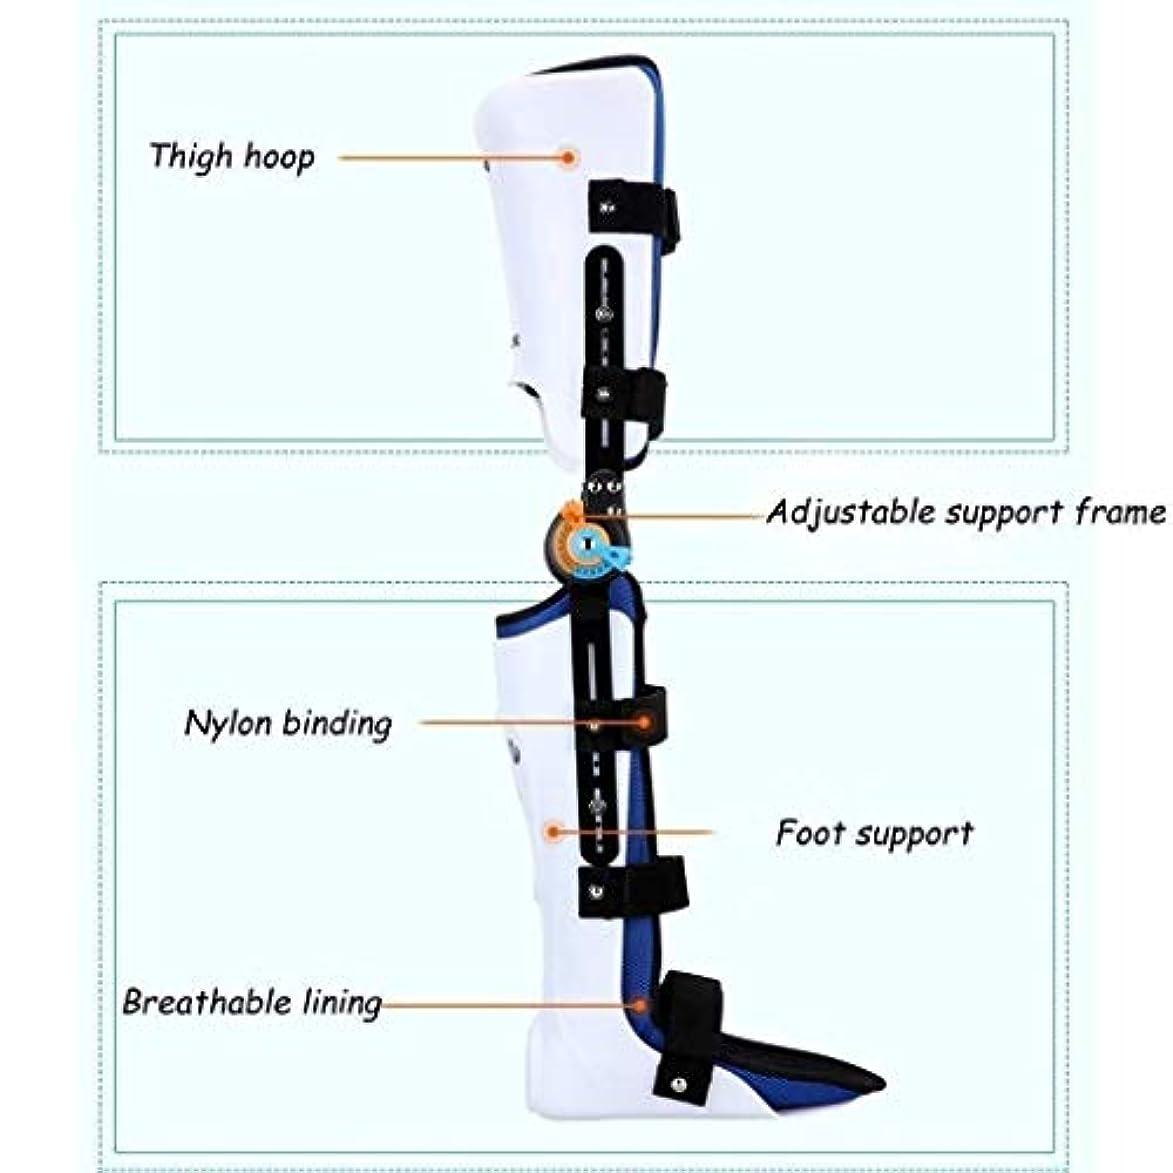 キルトクレーン透けるヒンジ付きROM膝ブレース、膝蓋骨損傷イモビライザーサポート医療整形外科用ガードプロテクター-ACL、靭帯、スポーツ傷害用の調整可能なフルレッグスタビライザー (Color : As Picture, Size : Left)